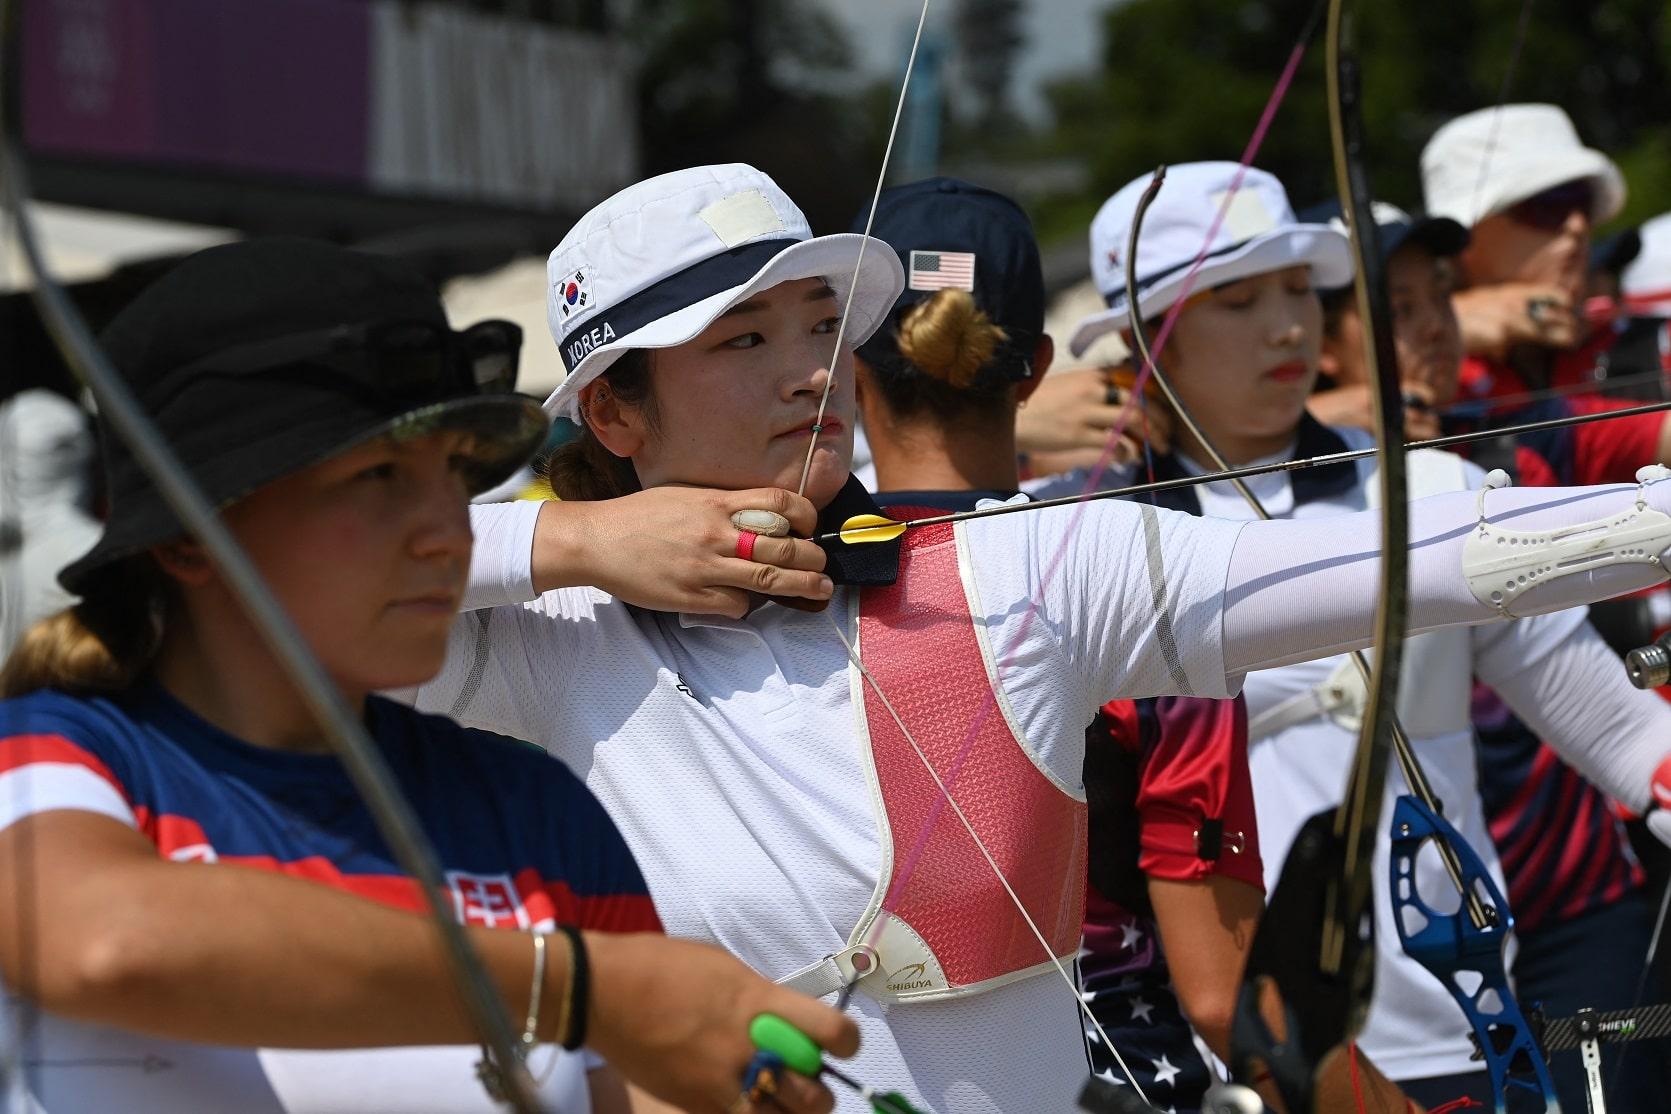 Women in Olympics